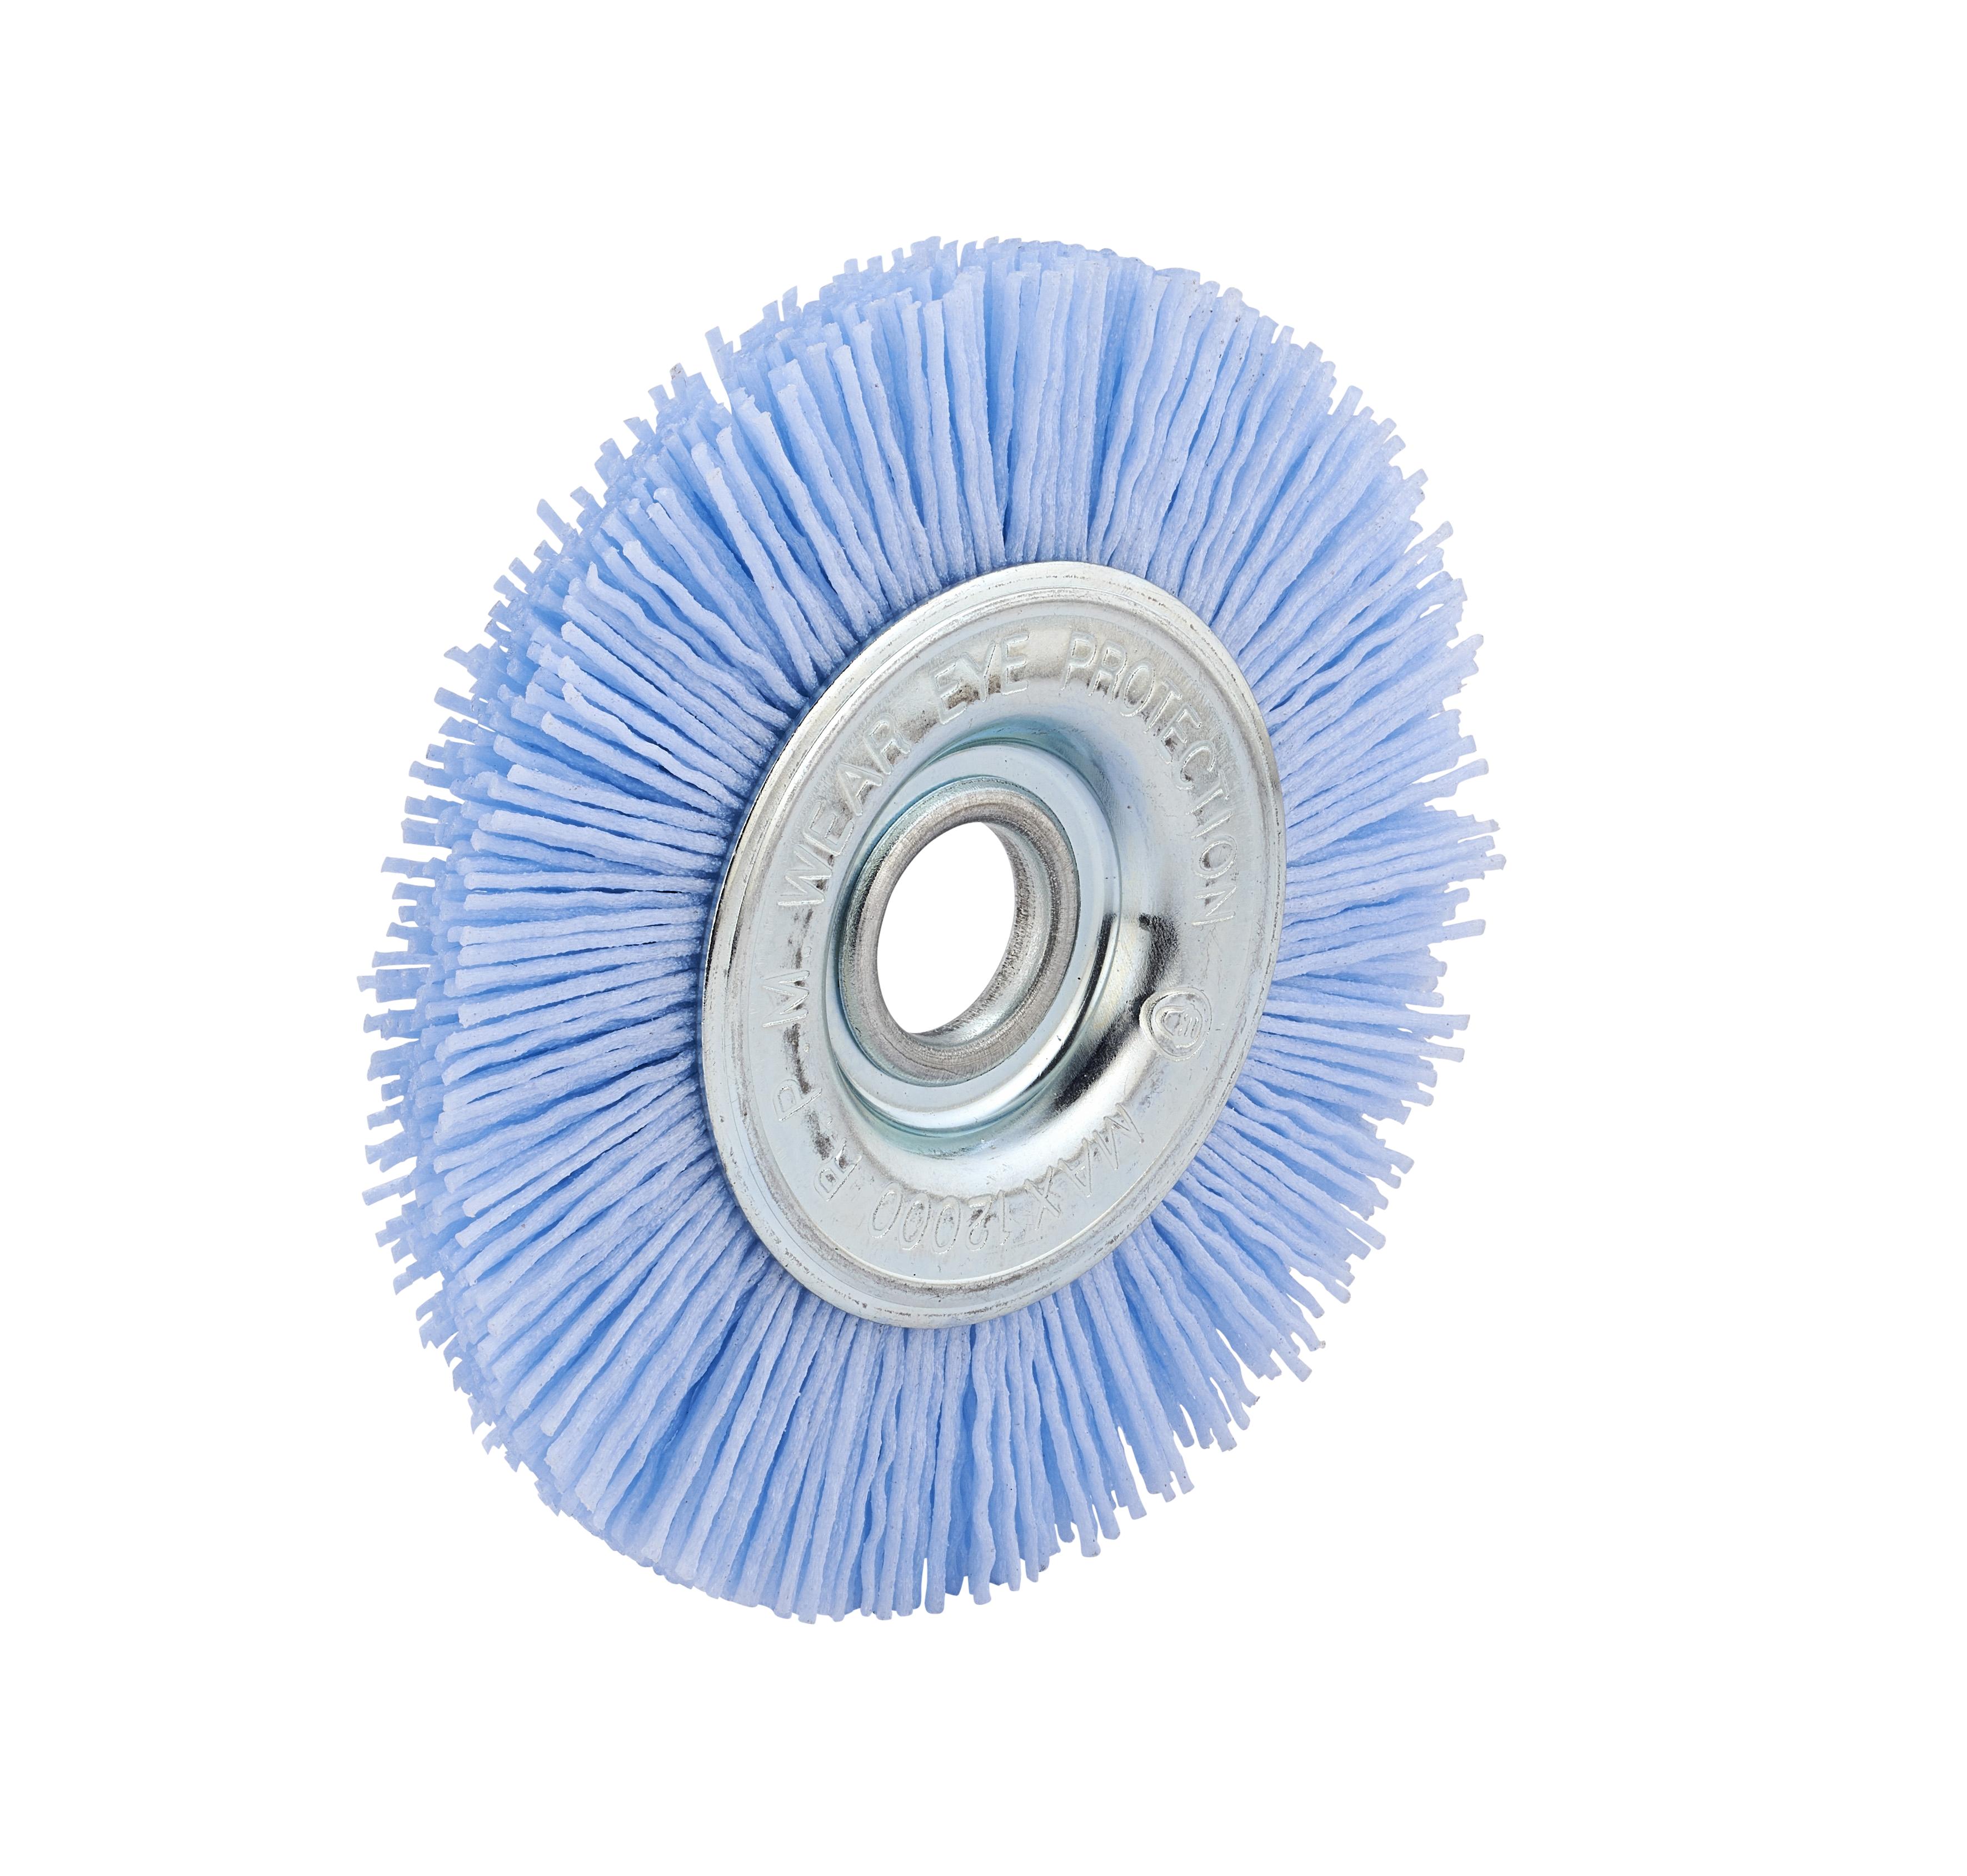 Metal Hub Wheel Brushes